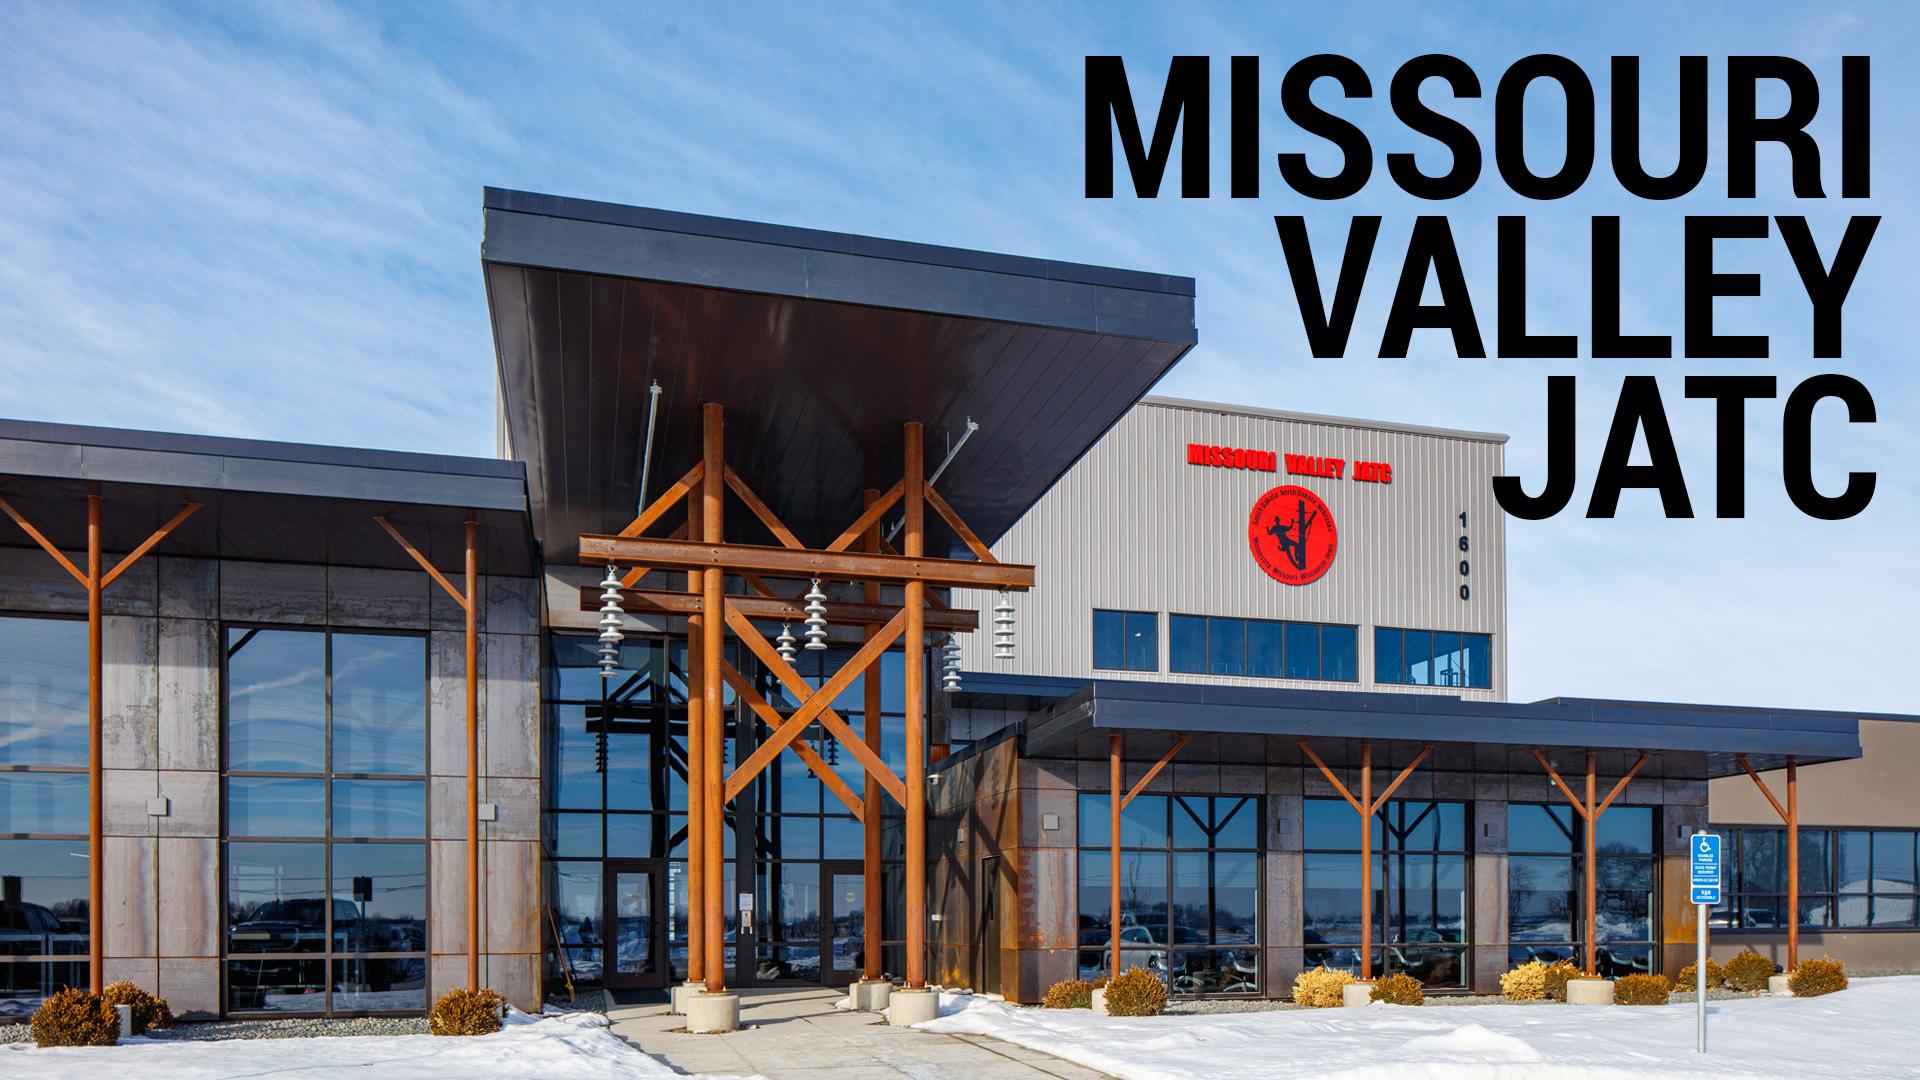 Missouri Valley JATC